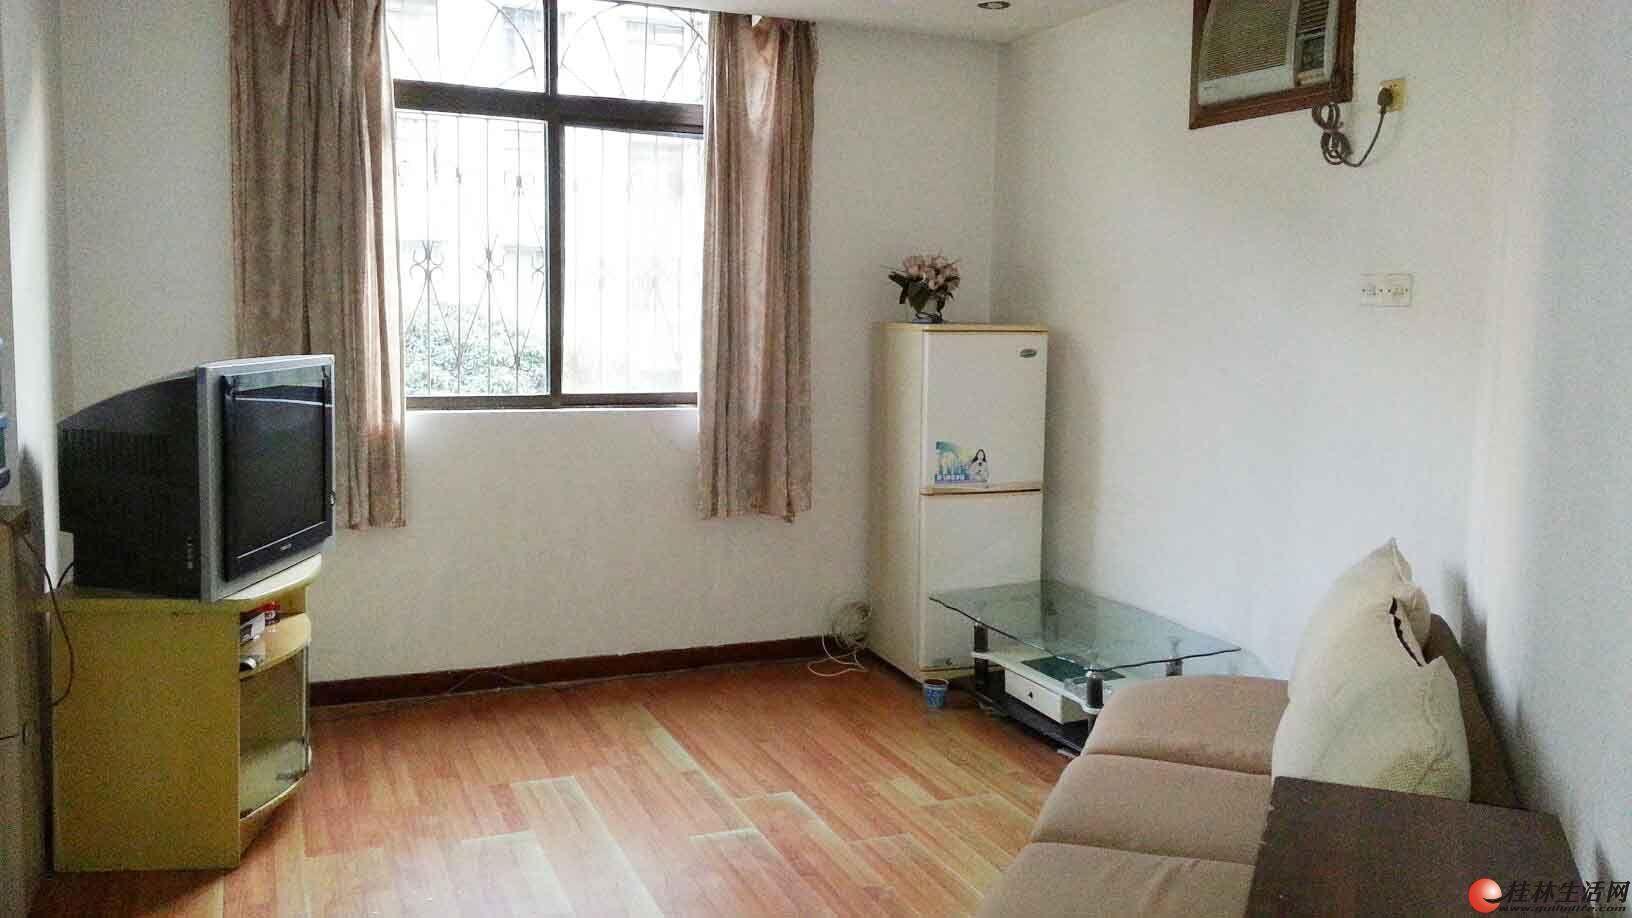 出售,七星花园,2房1厅1卫,78平米,2楼,40万